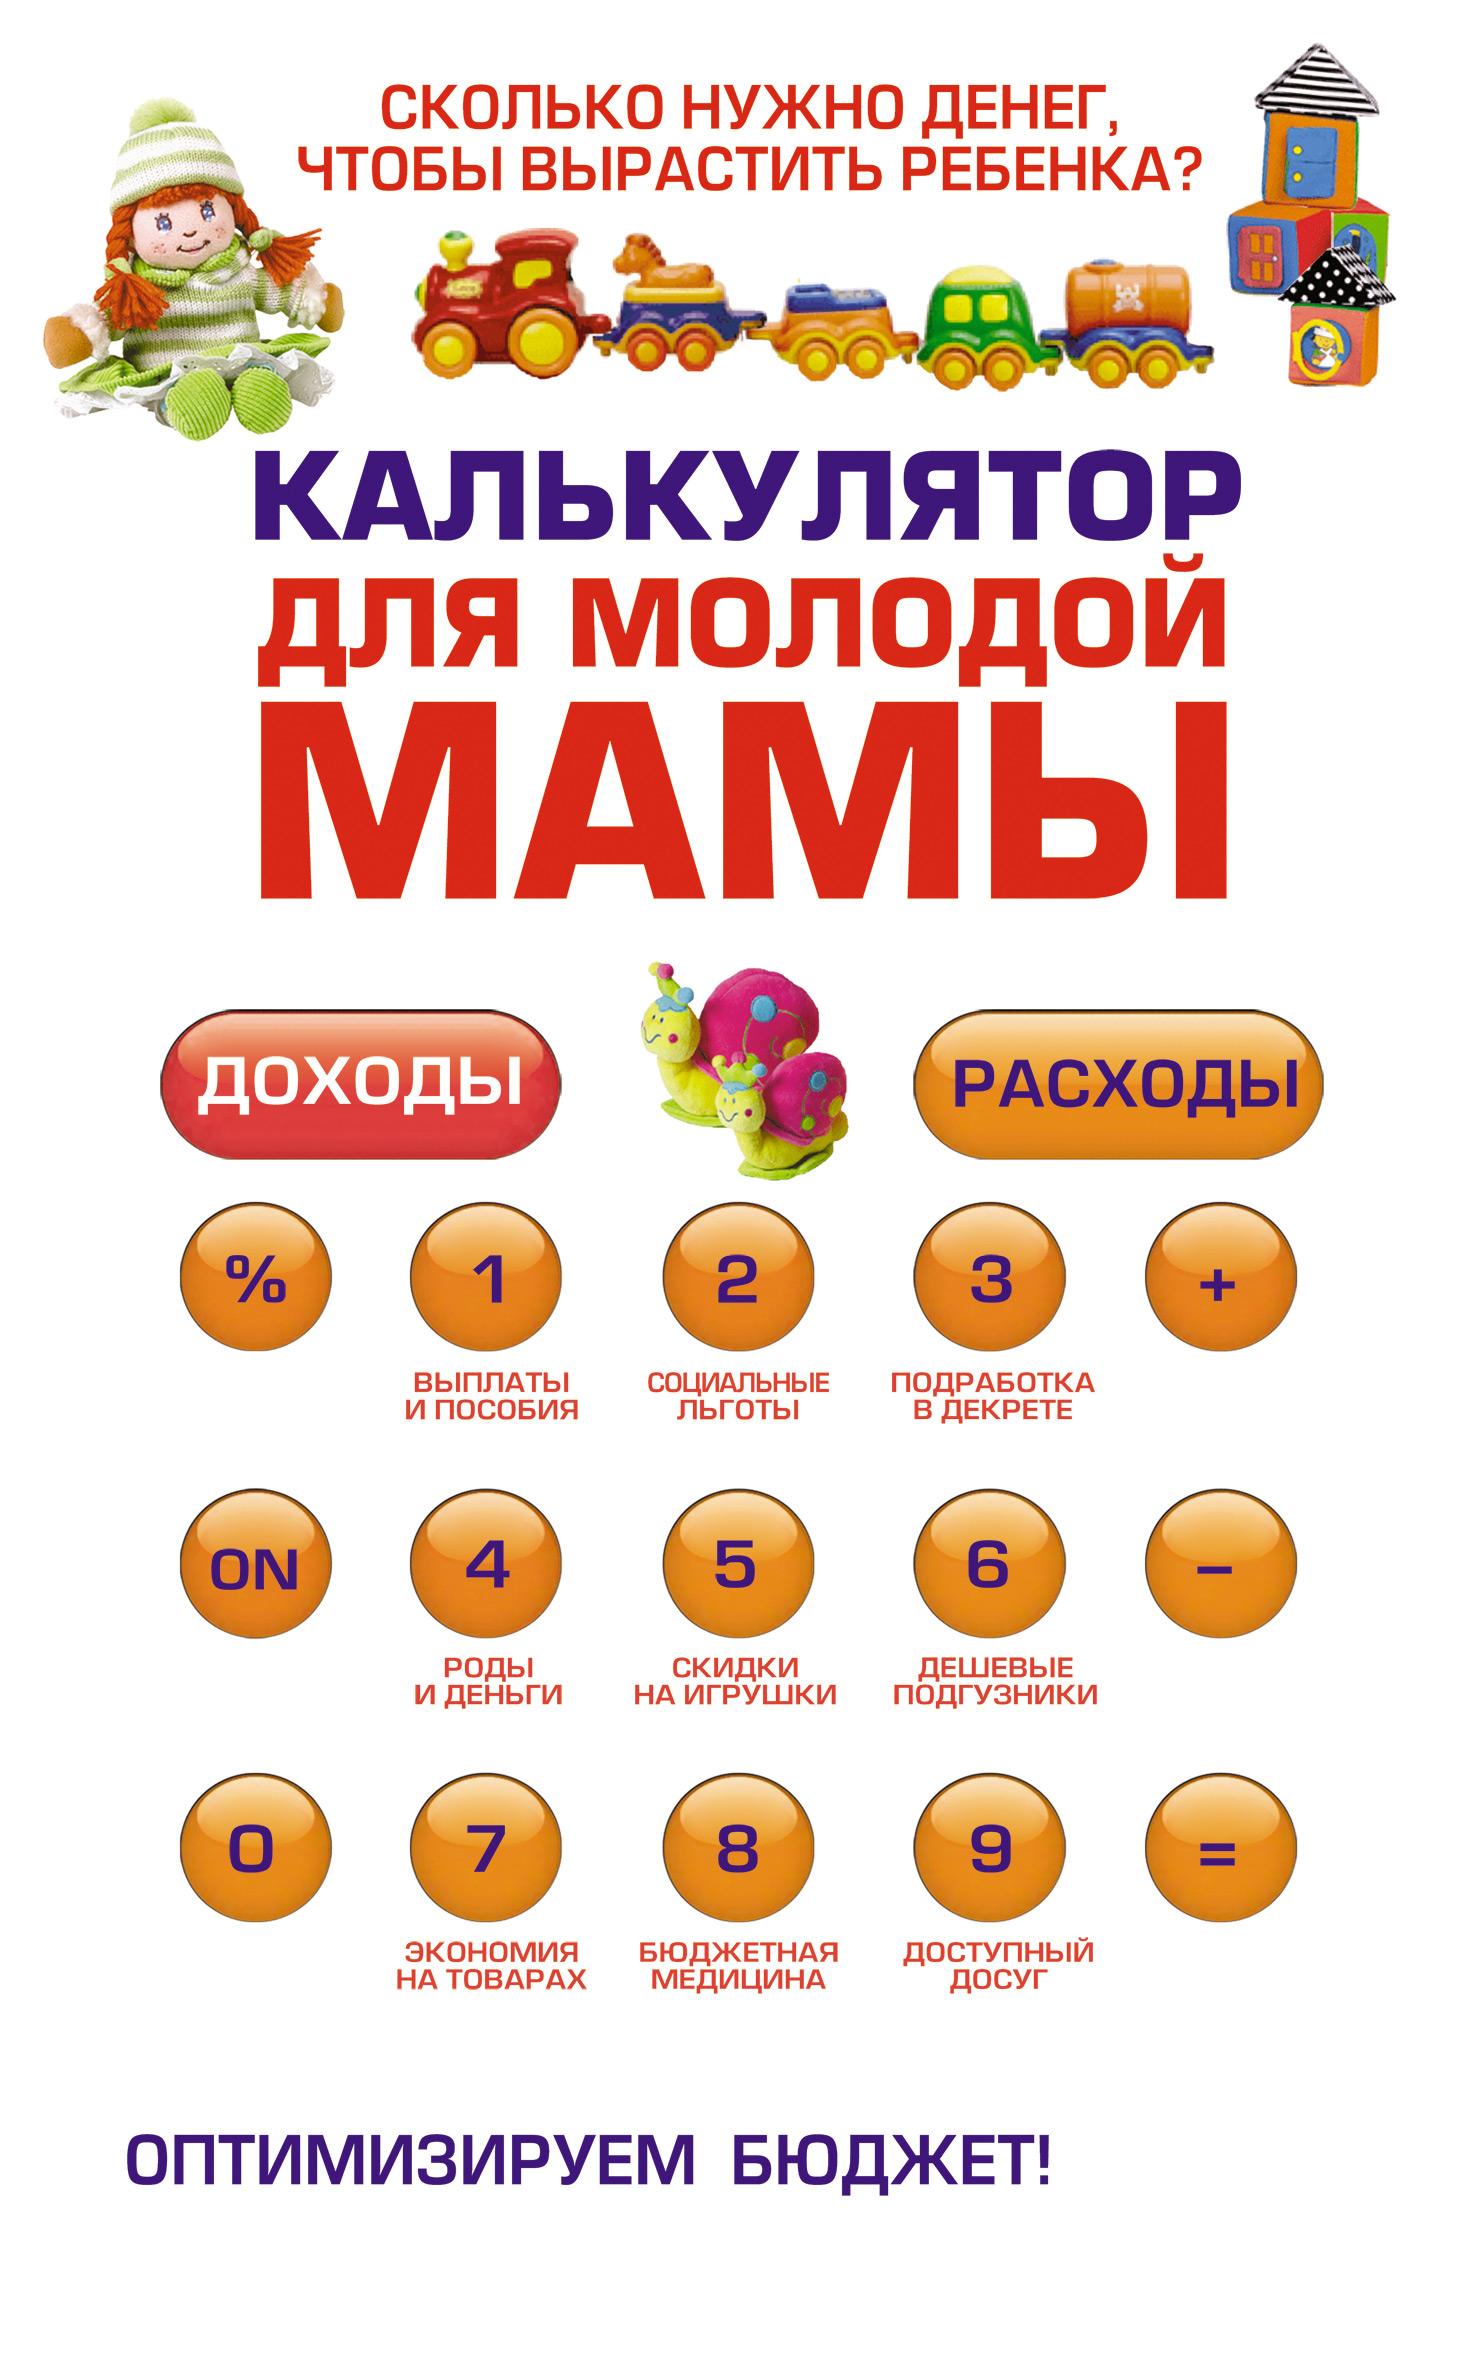 Калькулятор для молодой мамы. Сколько нужно денег, чтобы вырастить ребенка?